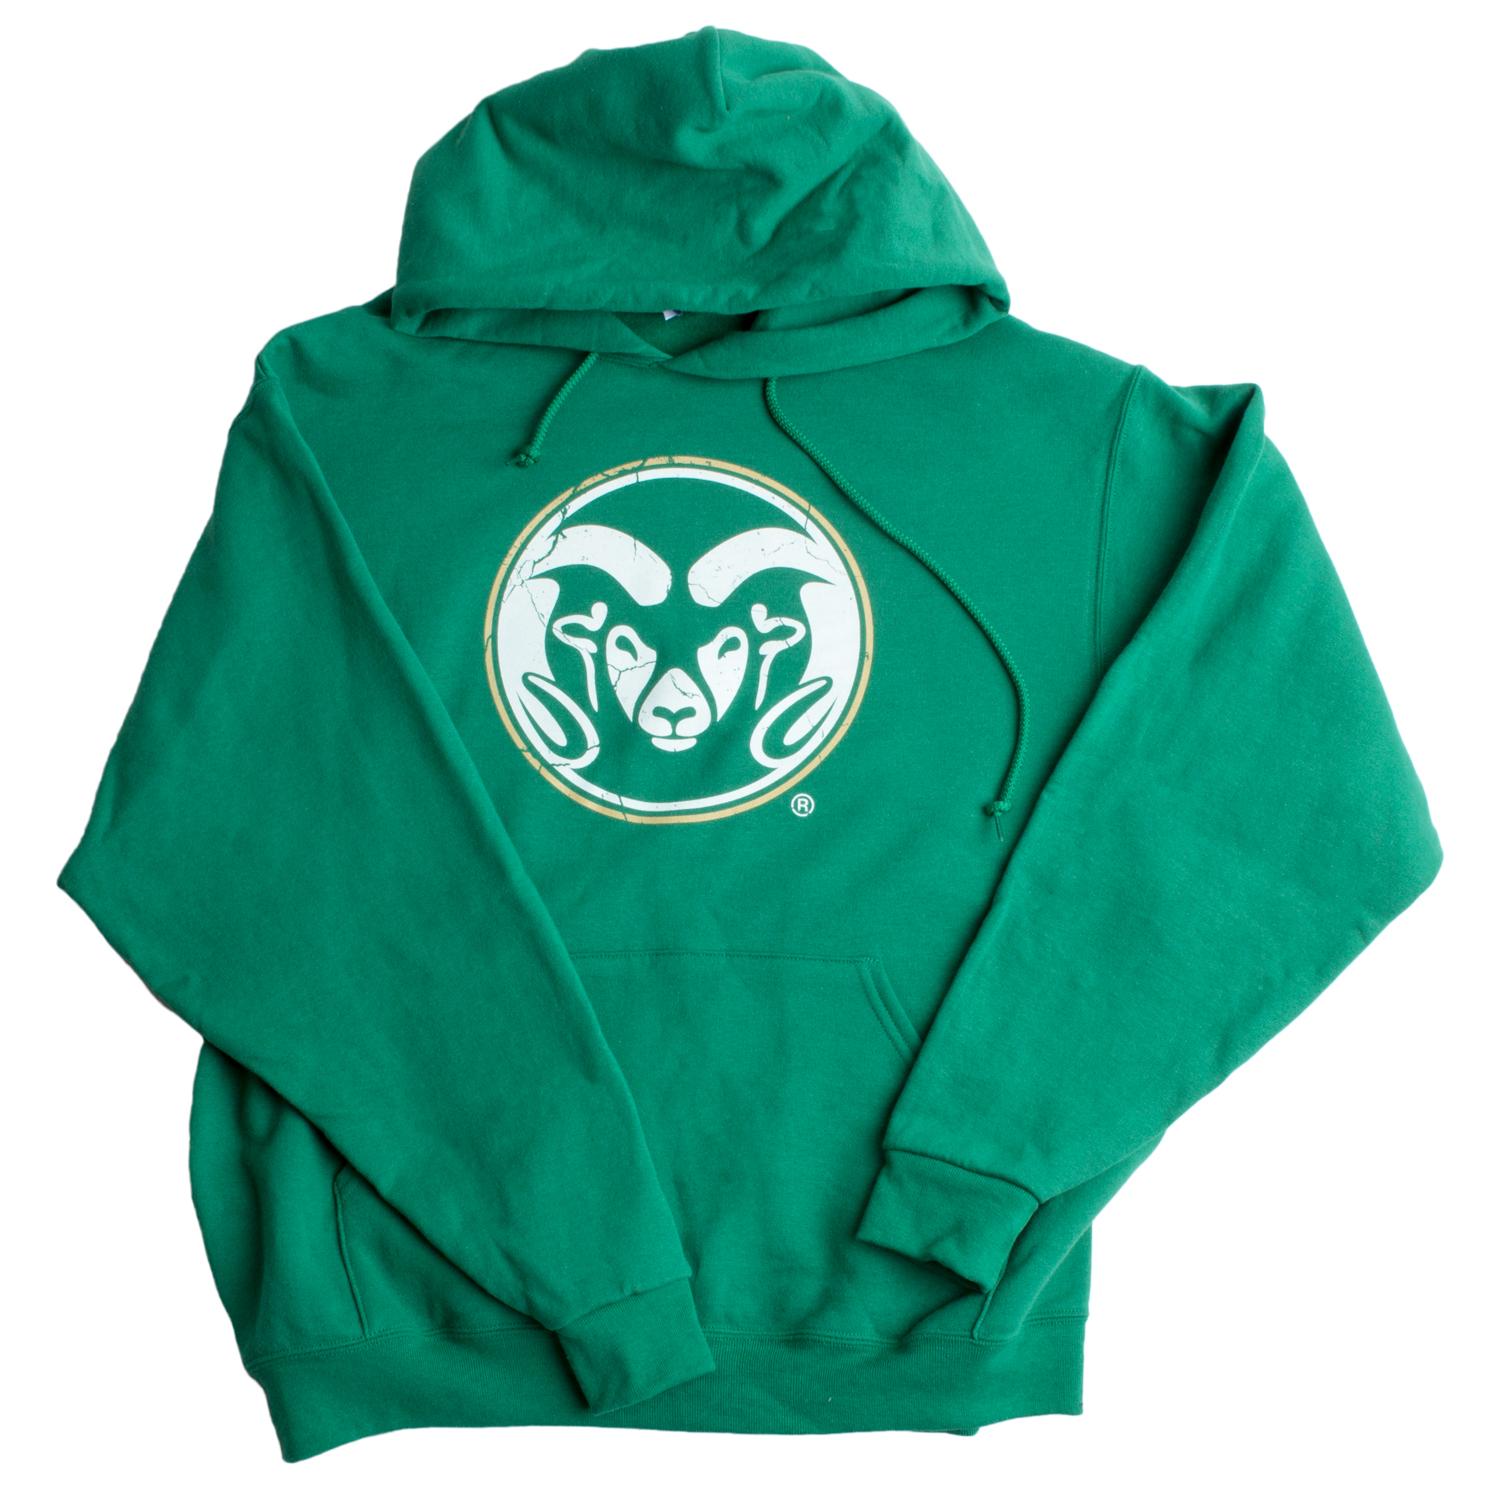 Csu hoodies